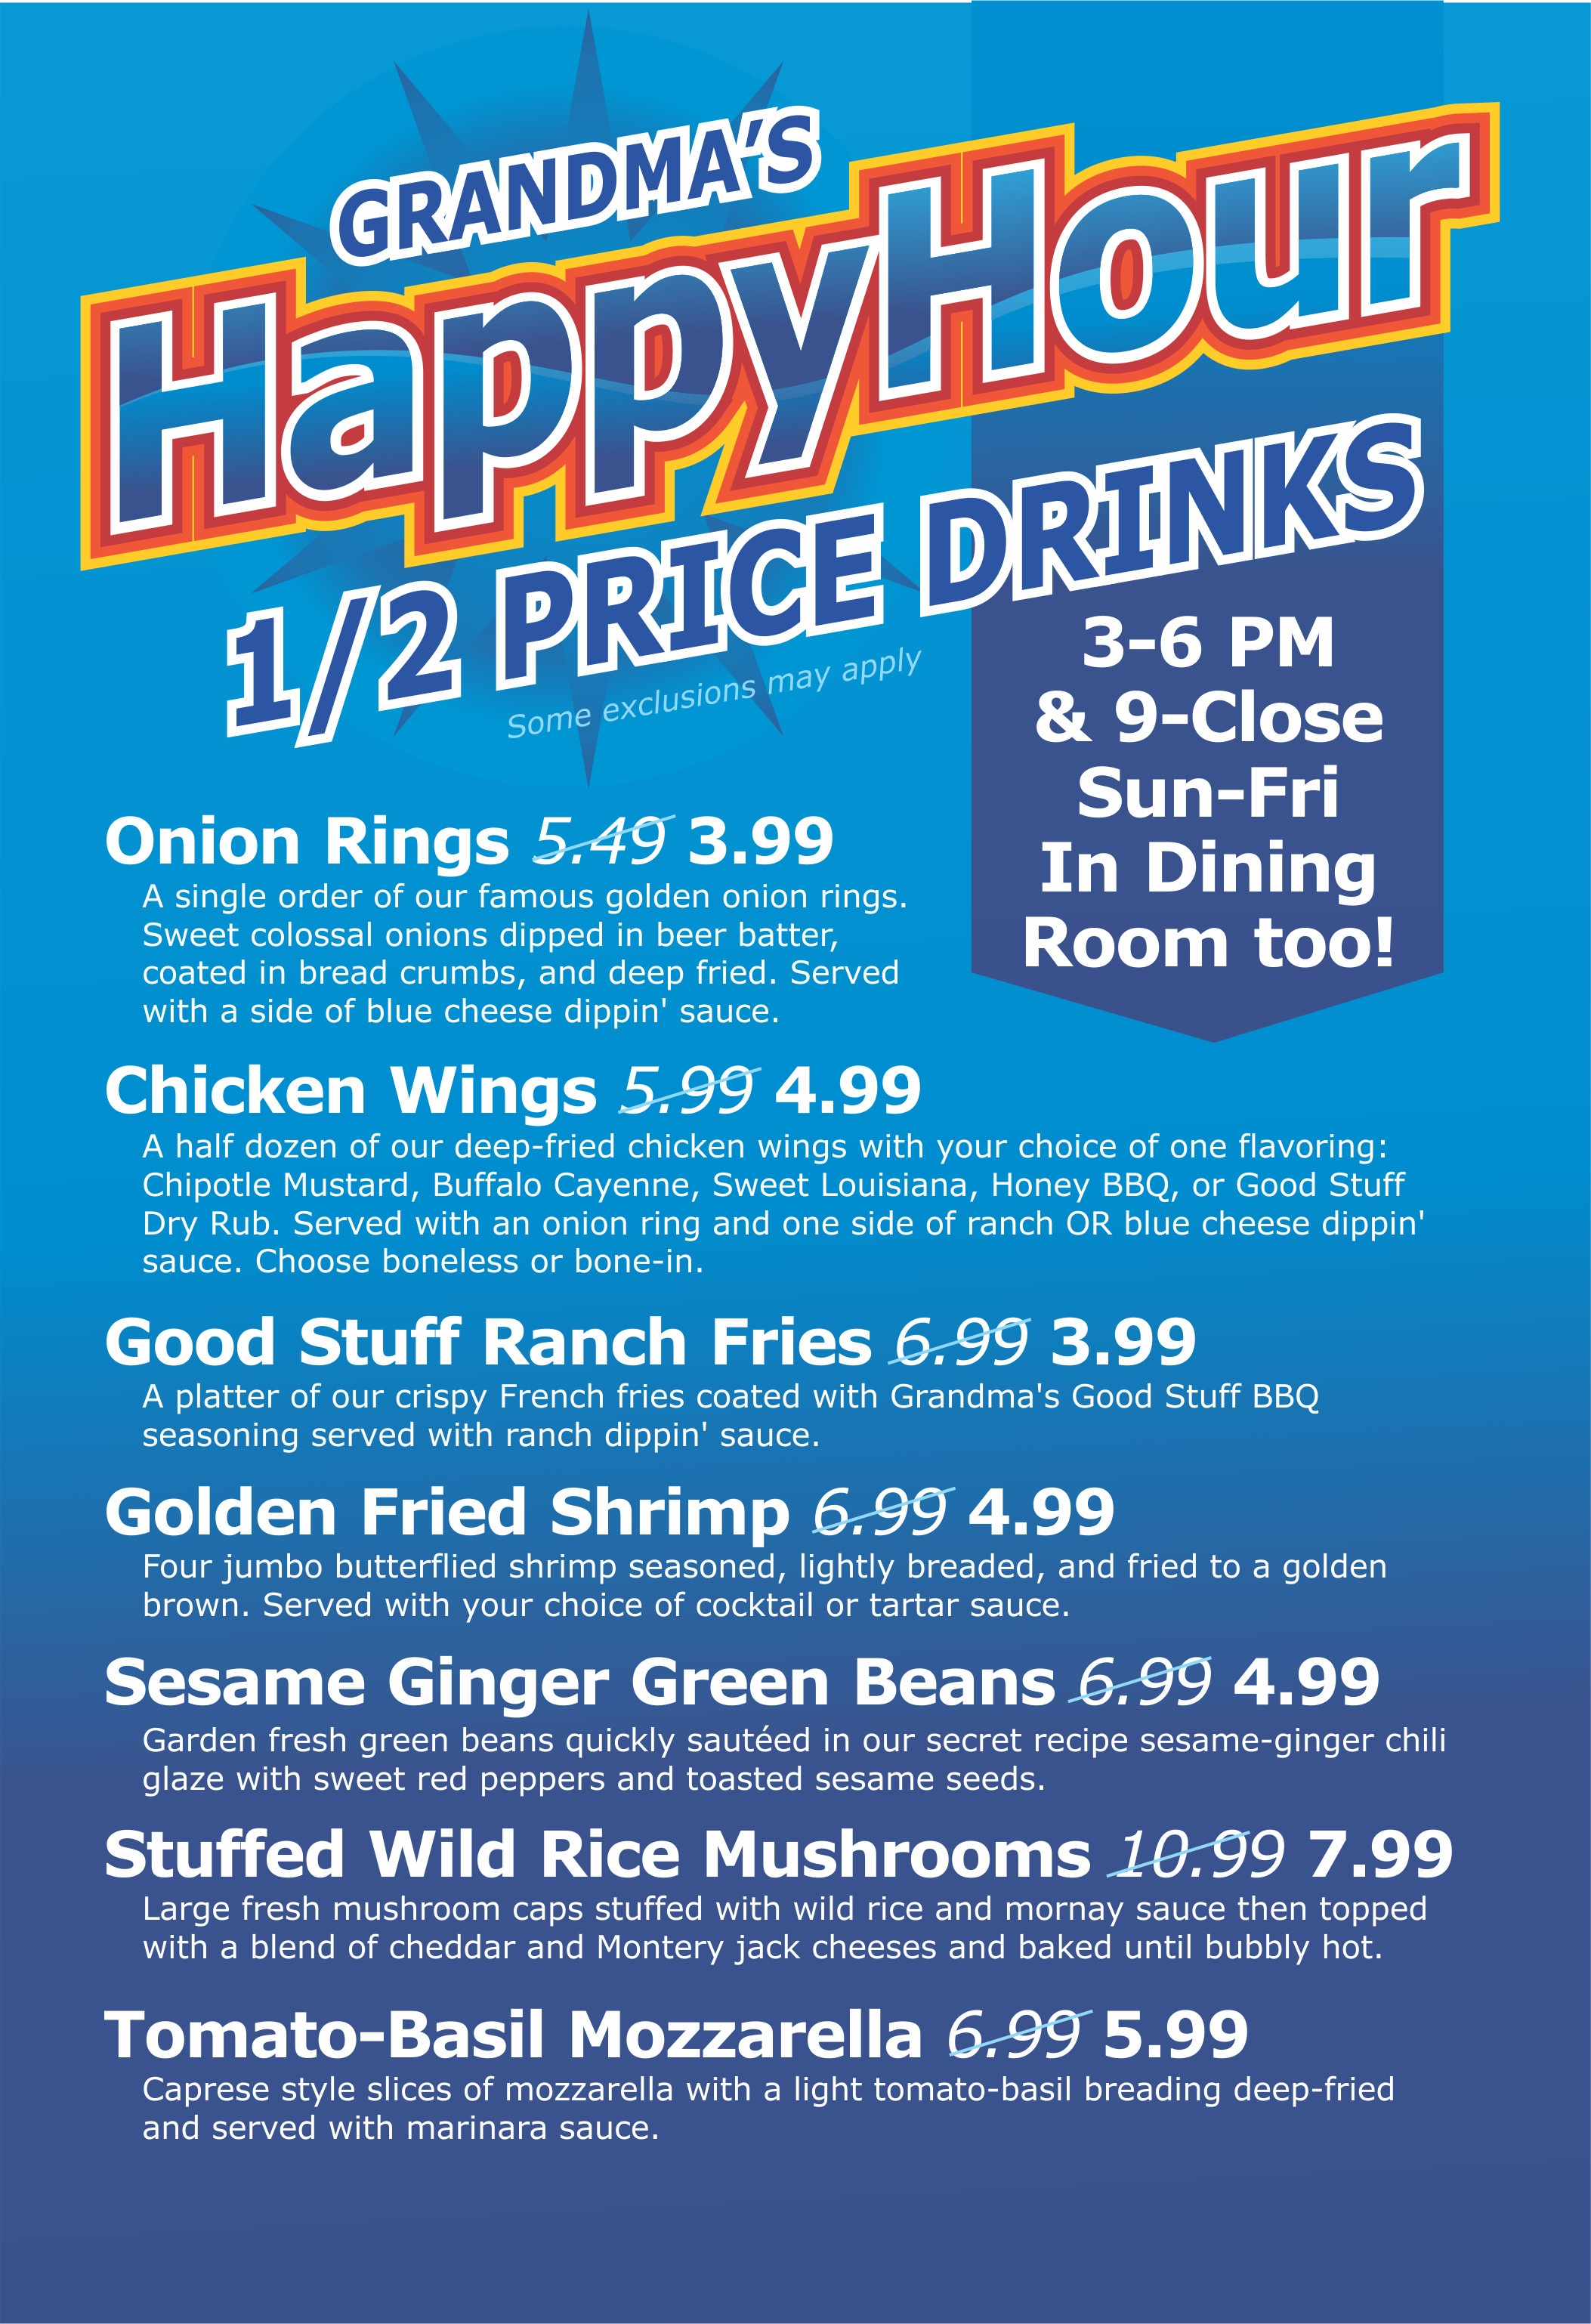 Grandma's Saloon & Grill Happy Hours | Grandma's Saloon and